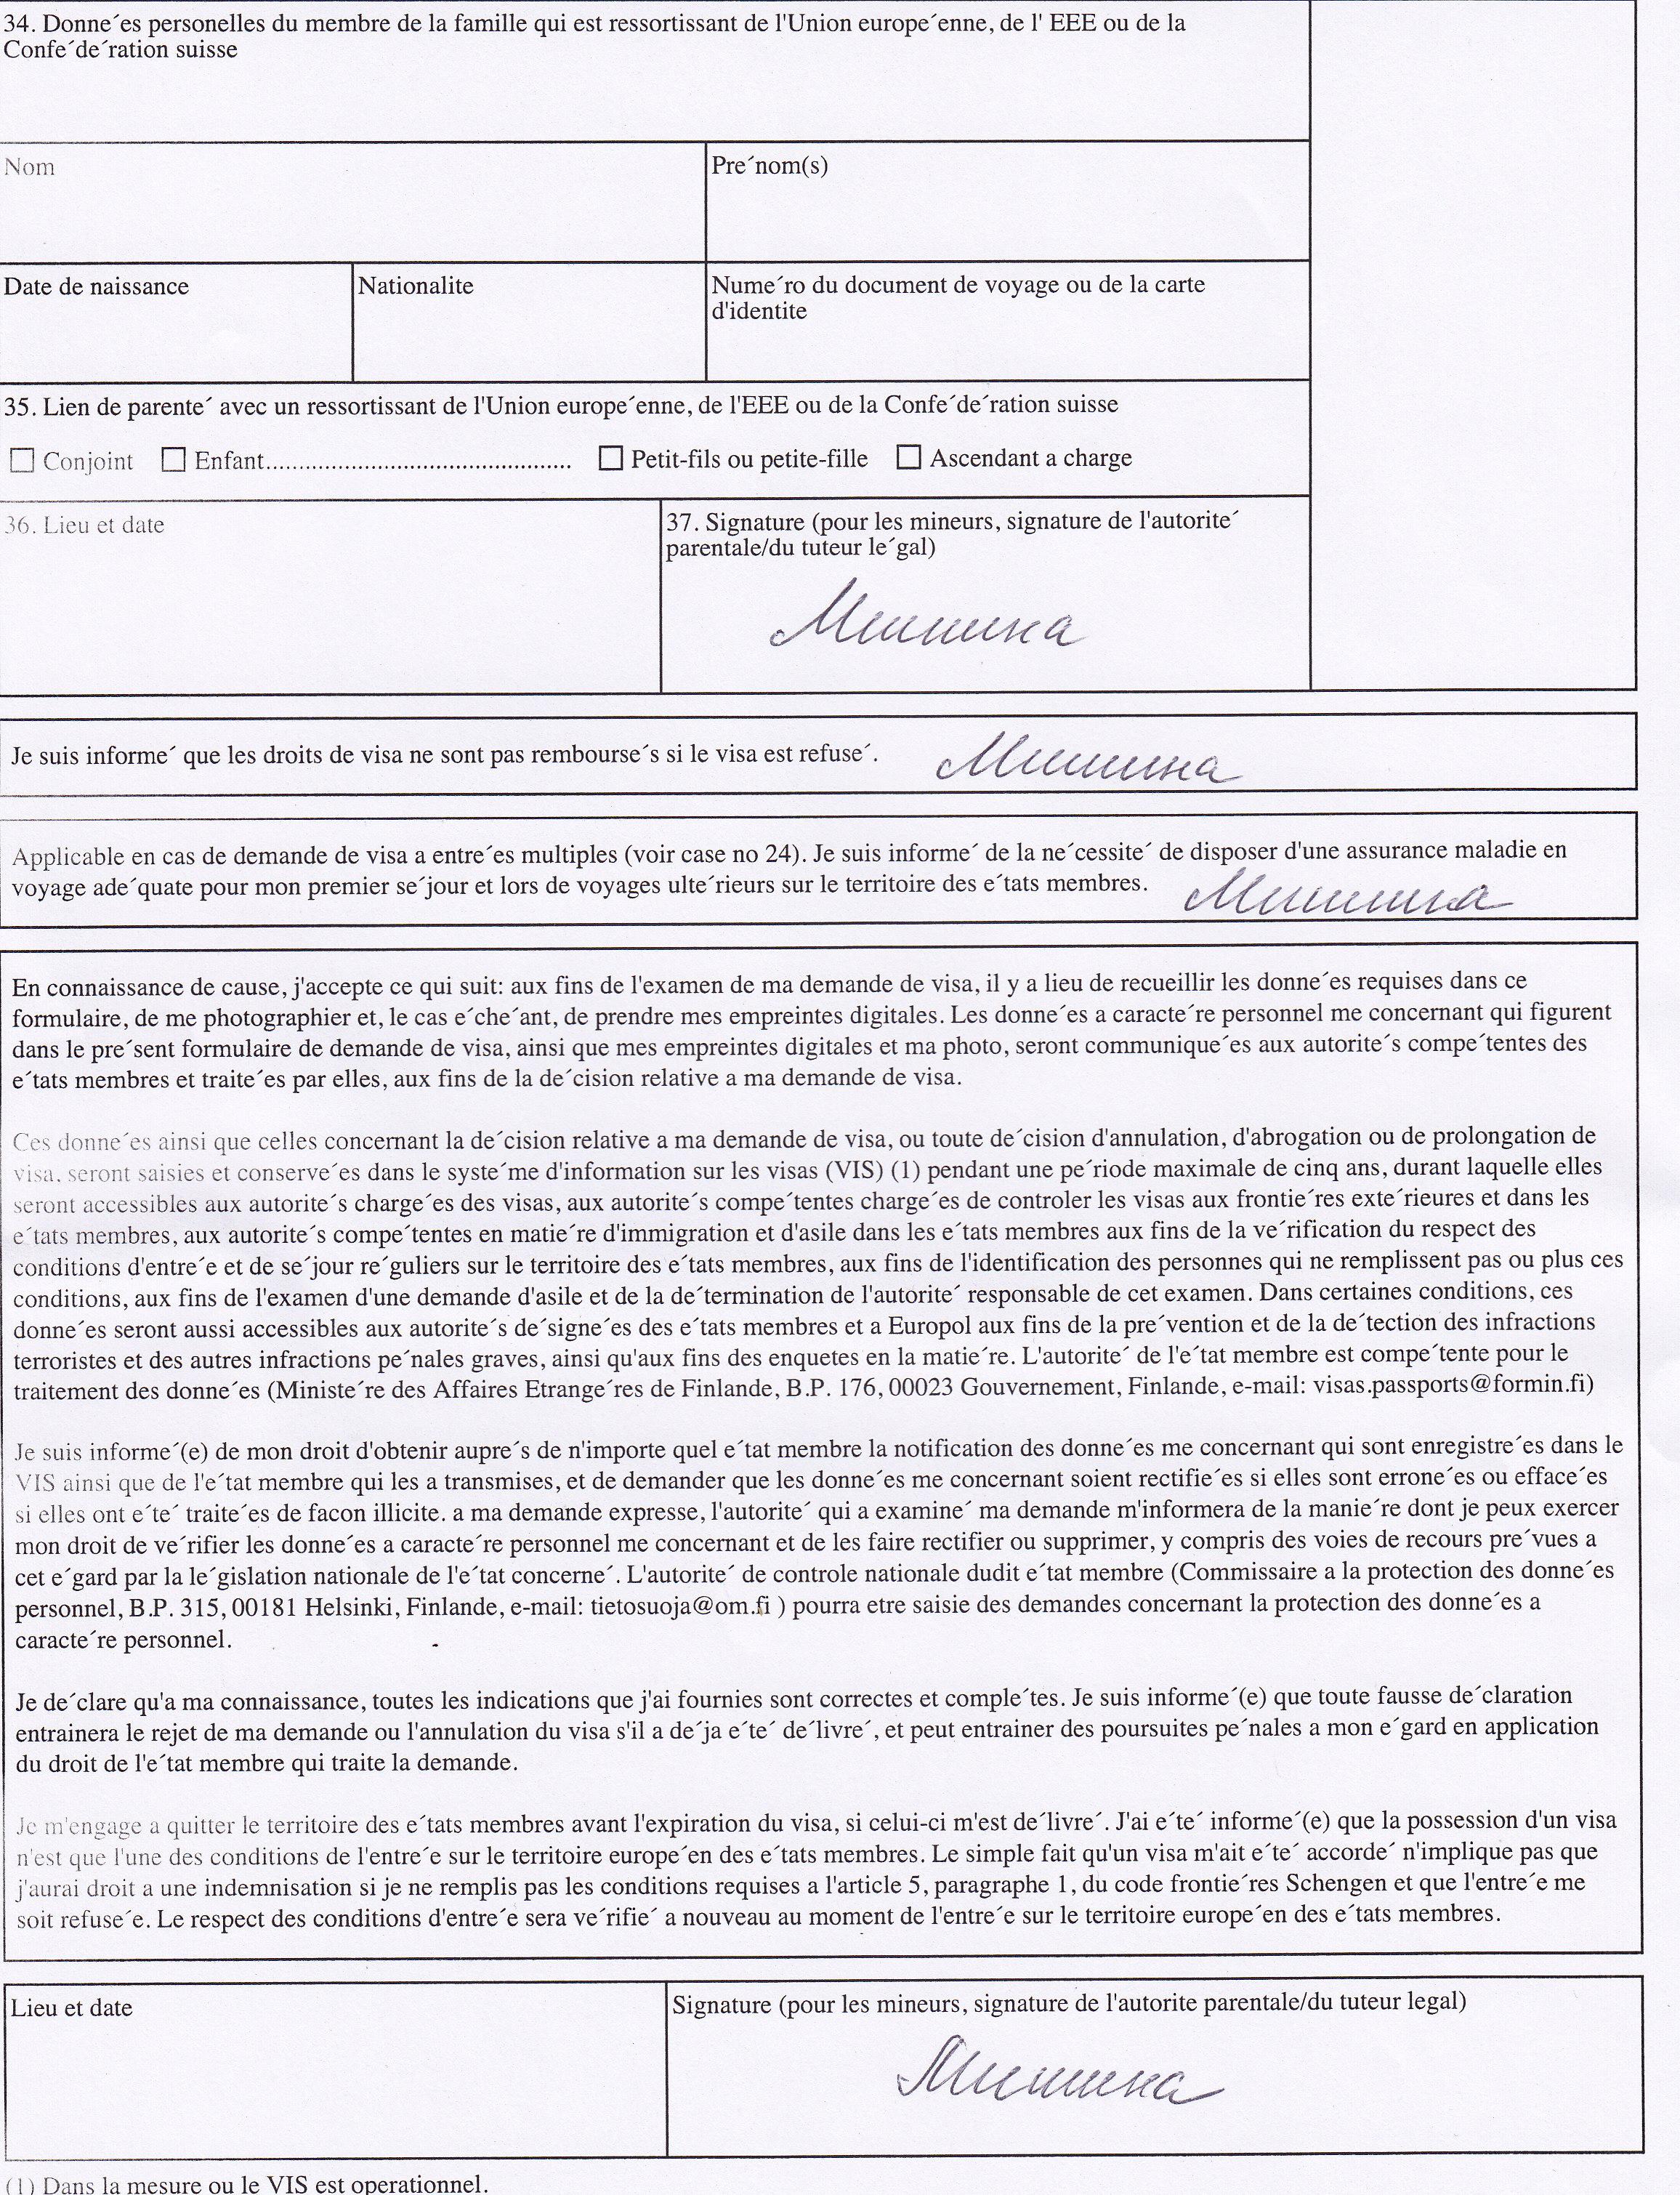 Заявление на загранпаспорт детям до 18 лет нового образца